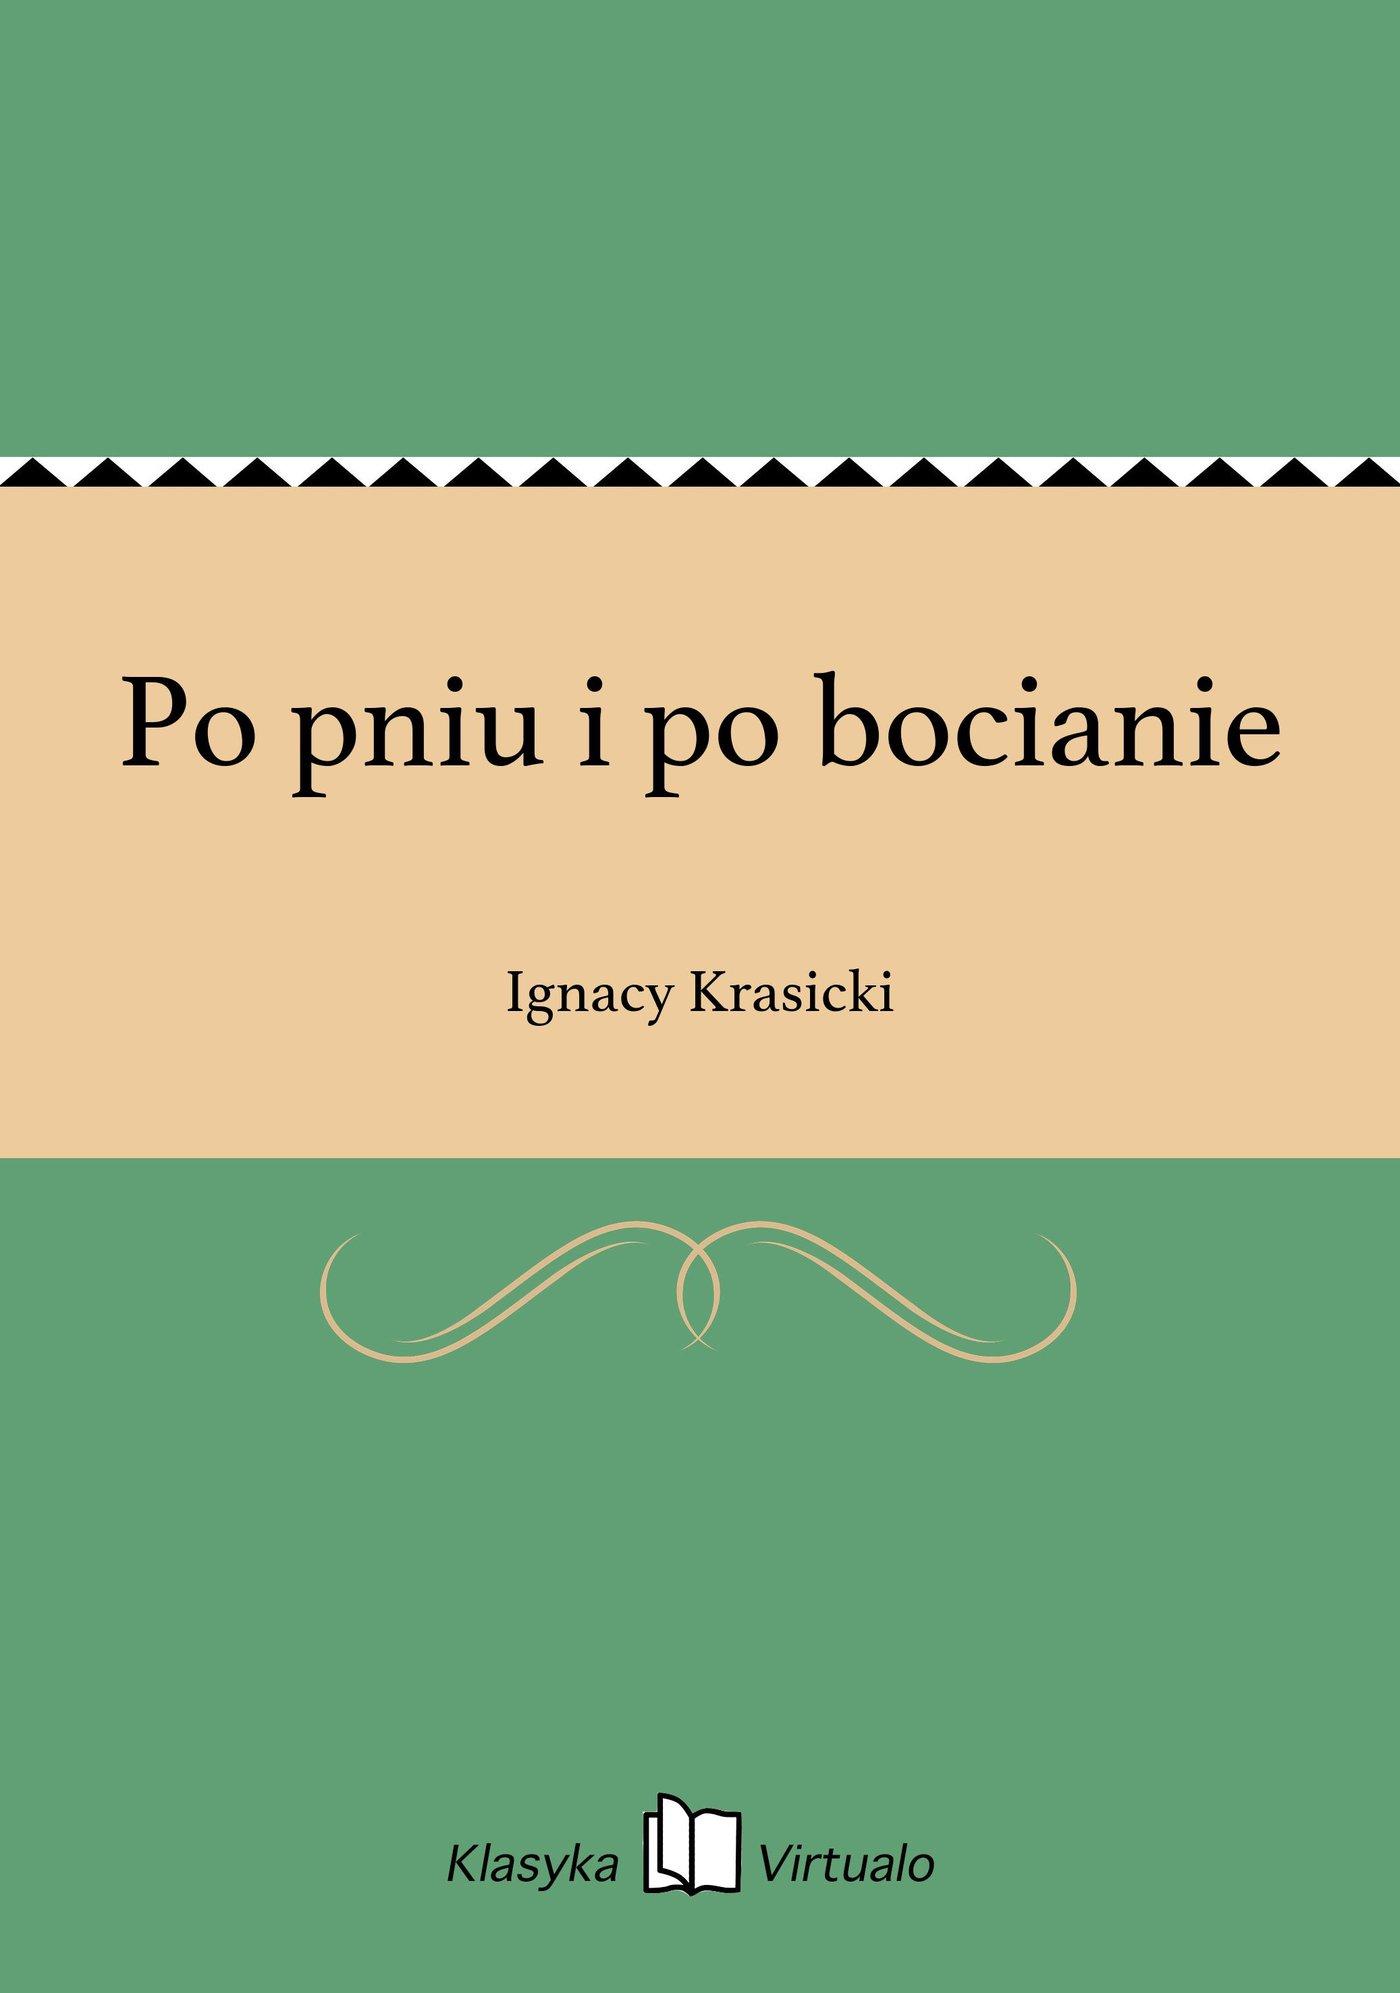 Po pniu i po bocianie - Ebook (Książka EPUB) do pobrania w formacie EPUB